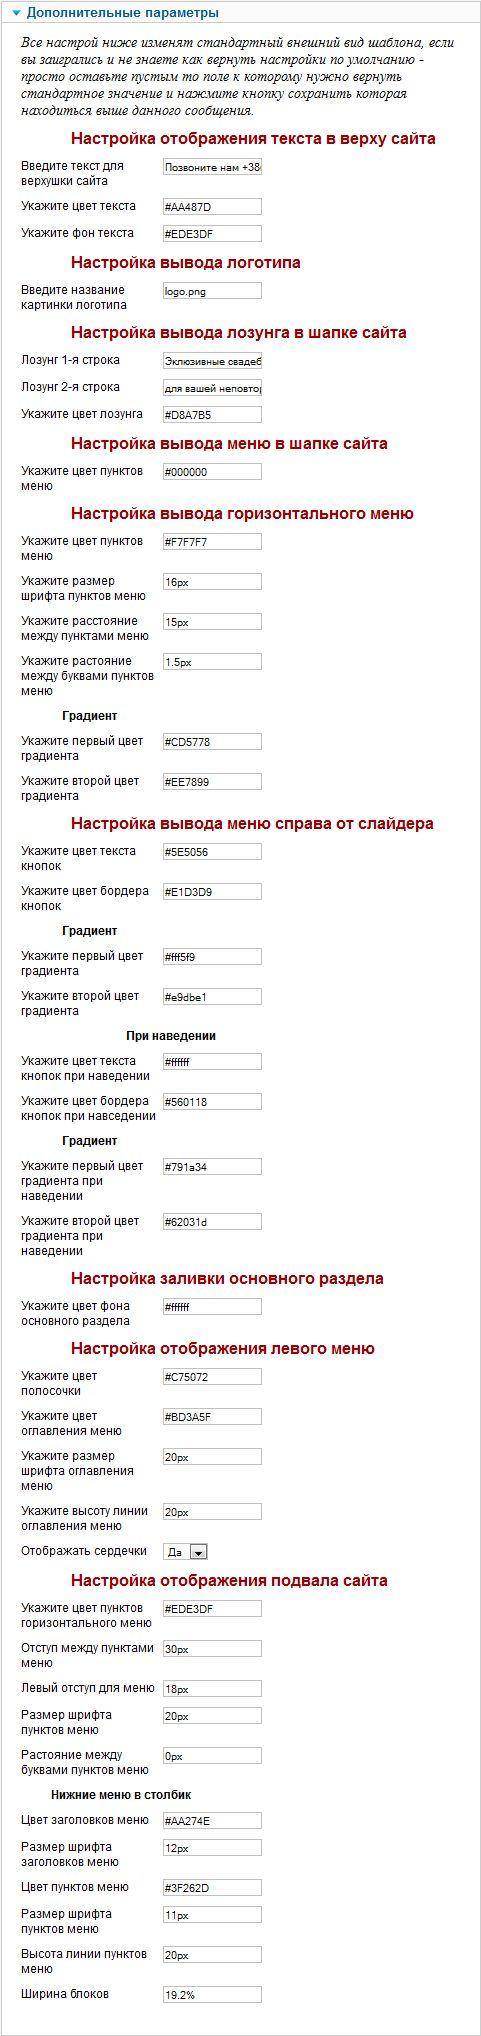 Управление внешним видом сайта с админки